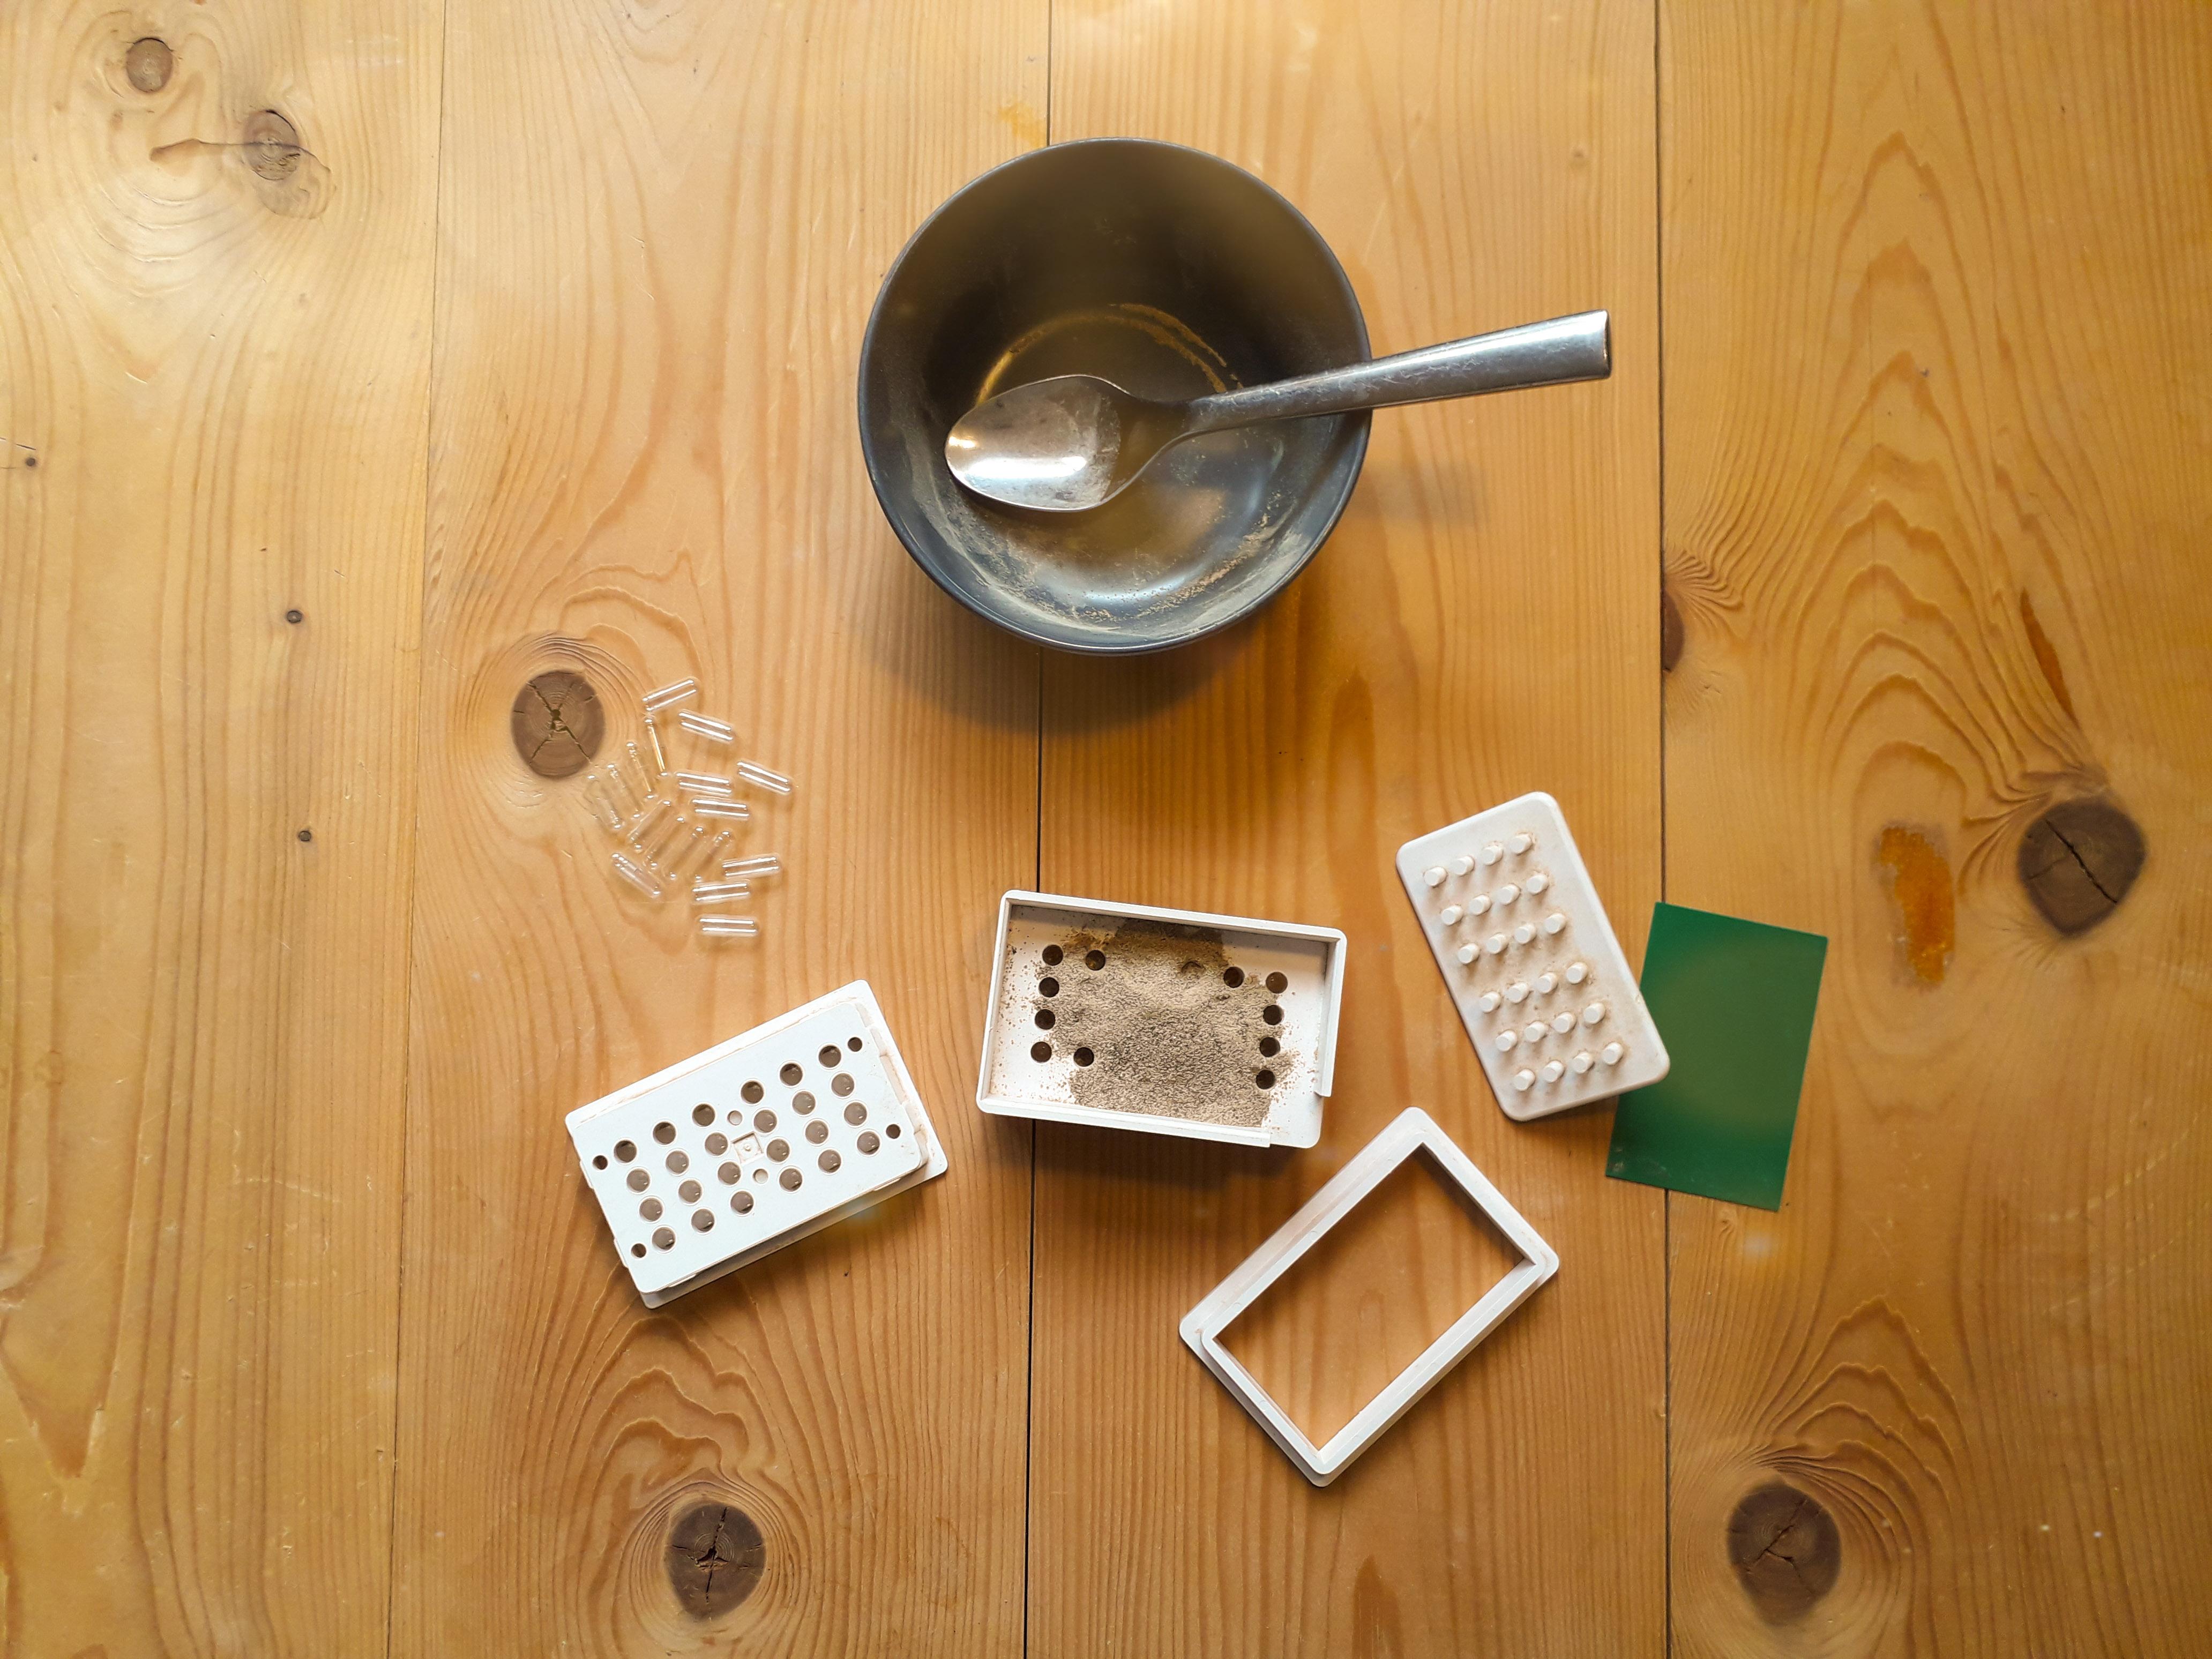 Voorbeeld van het vullen van capsules met poeder van magische truffels.